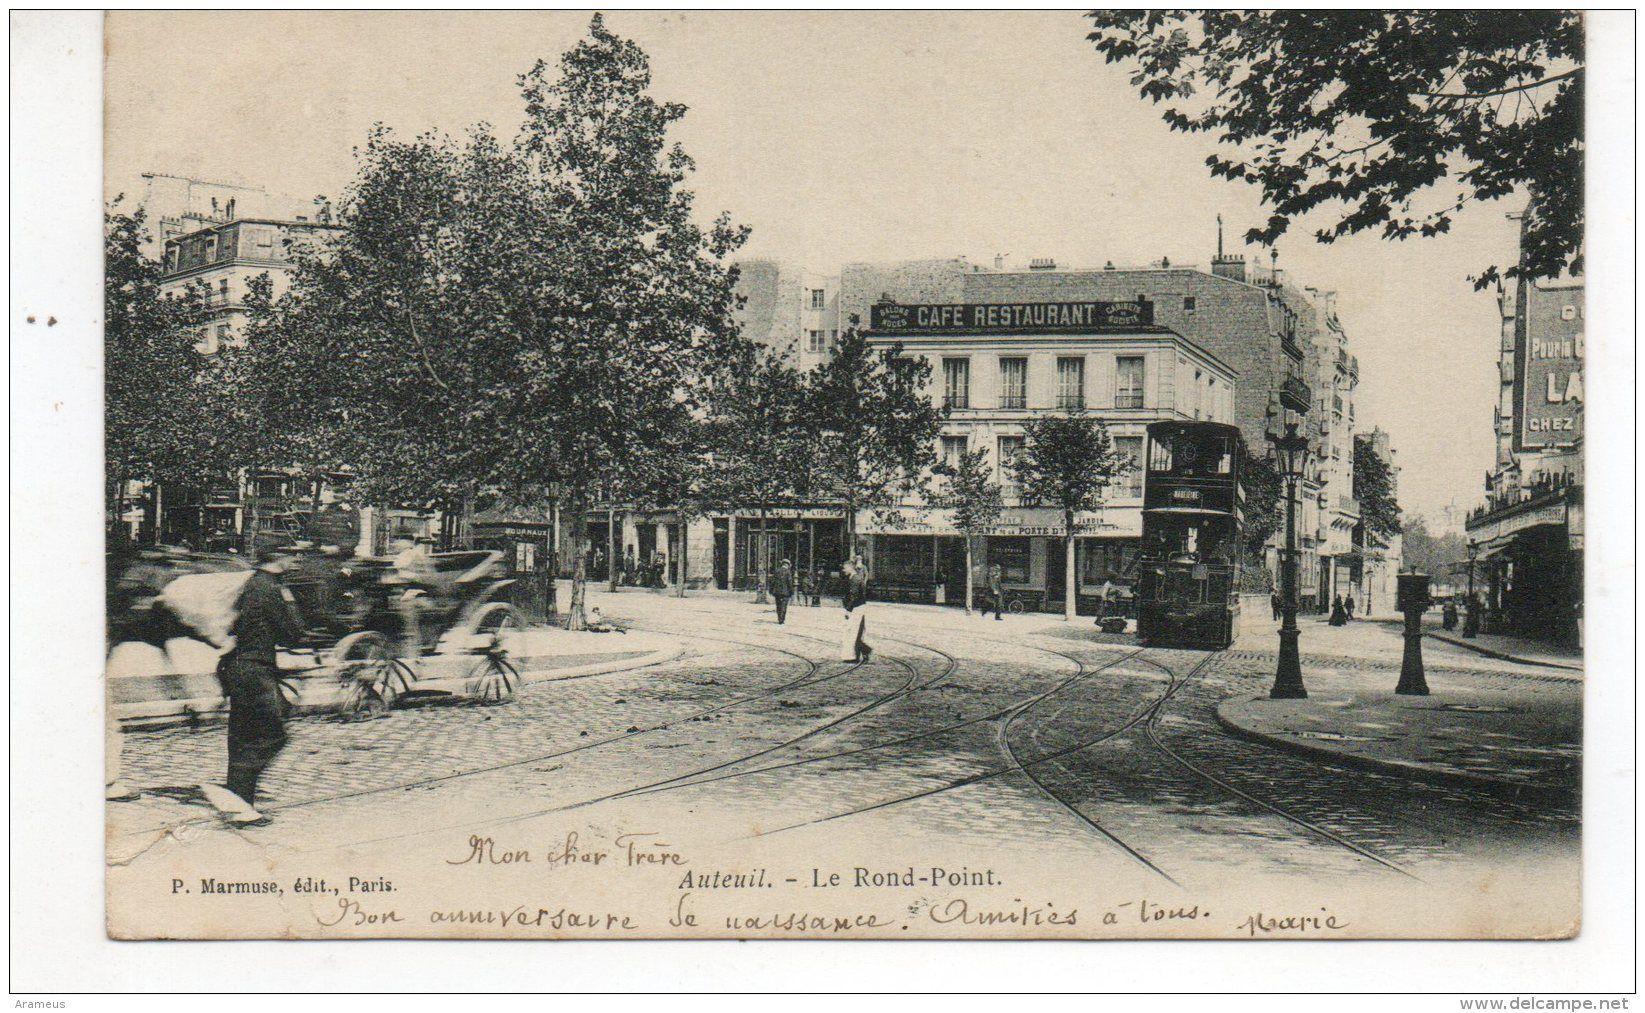 Cartes Postales / auteuil - Delcampe.fr | Carte postale, Auteuil, Vieux paris